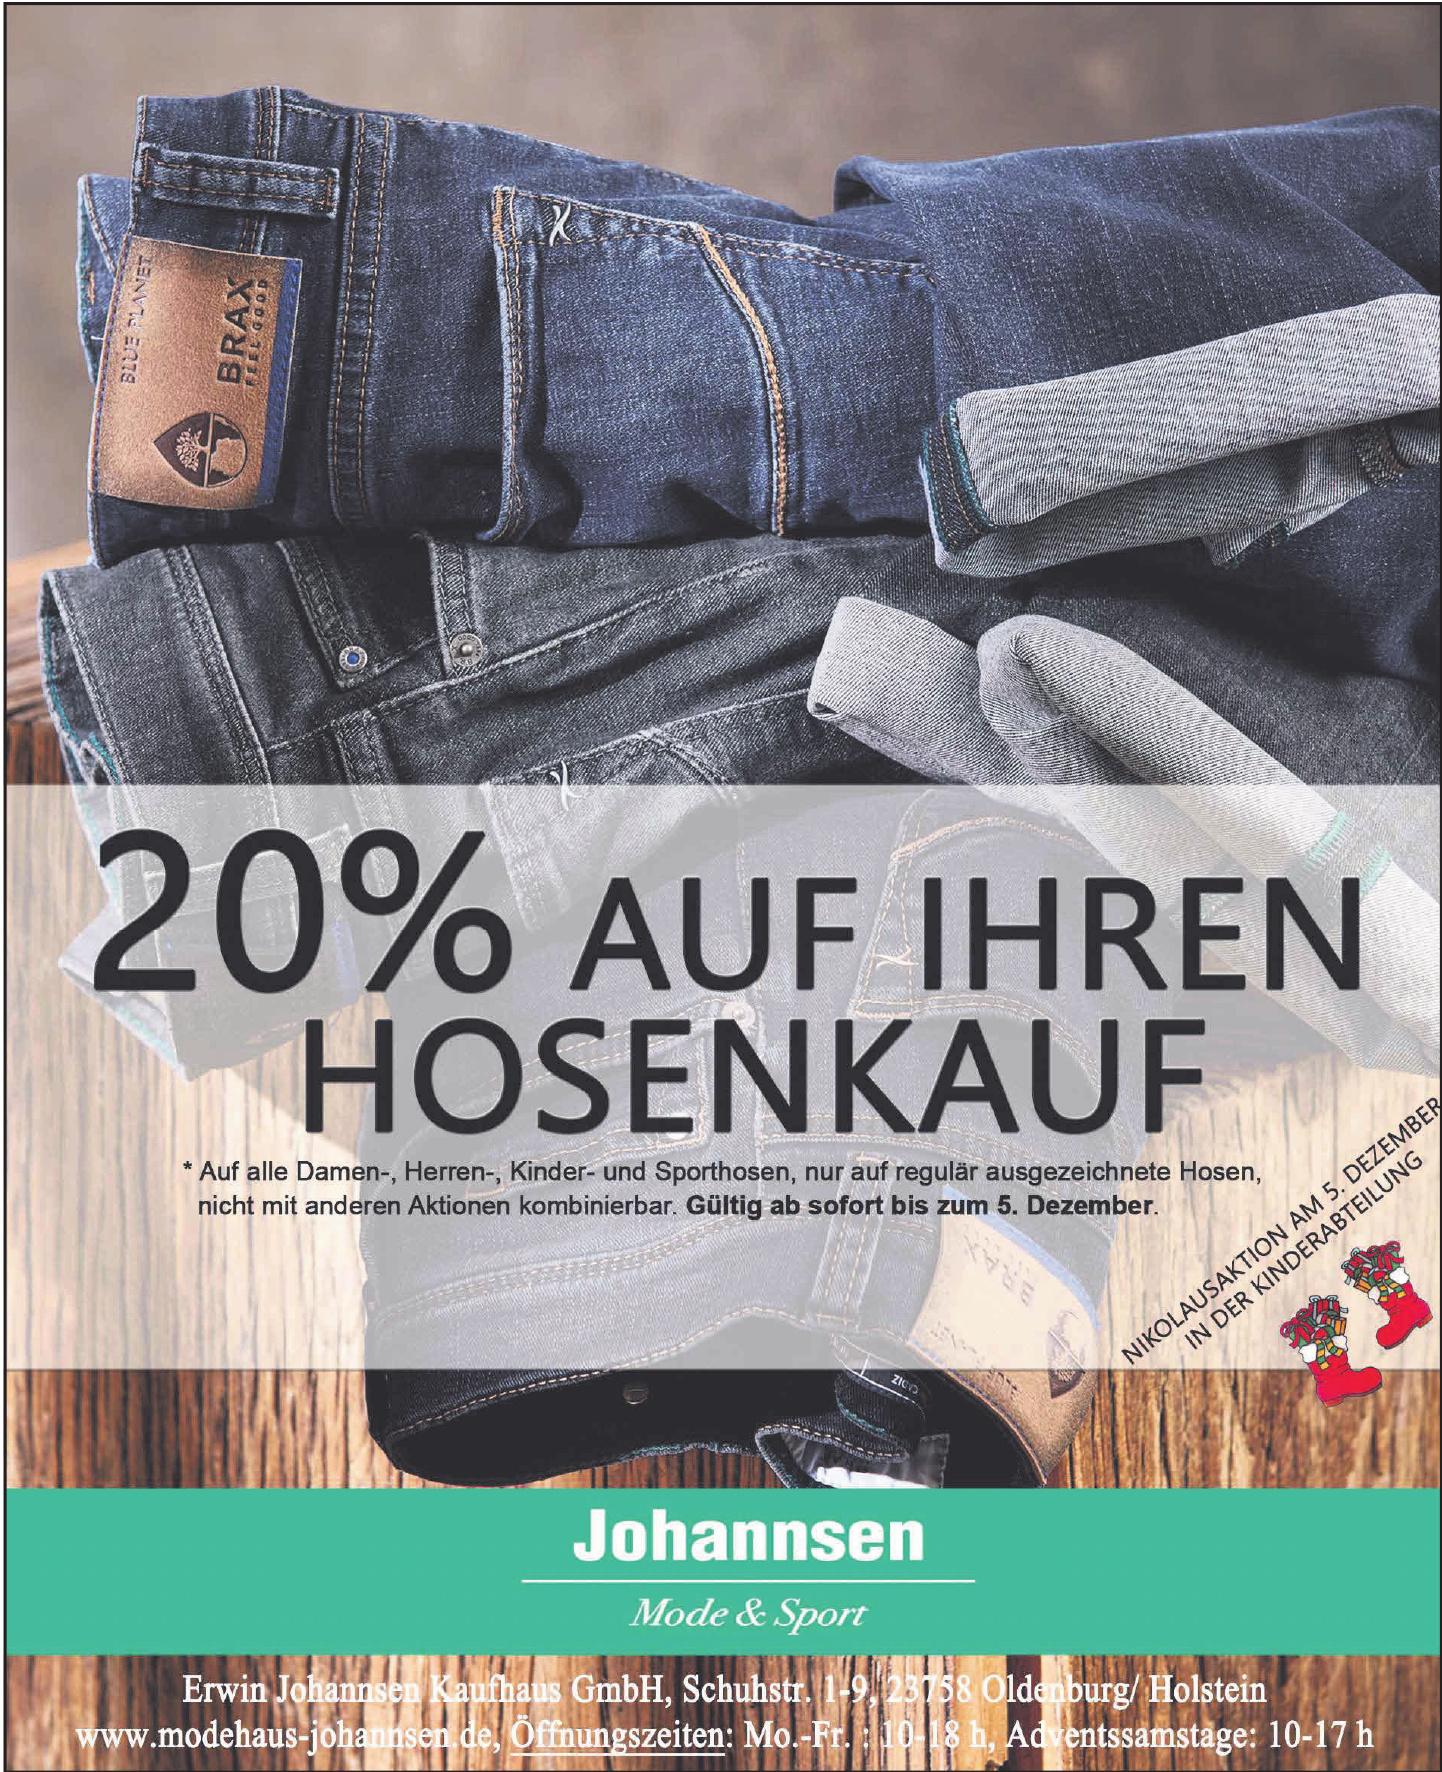 Erwin Johannsen Kaufhaus GmbH